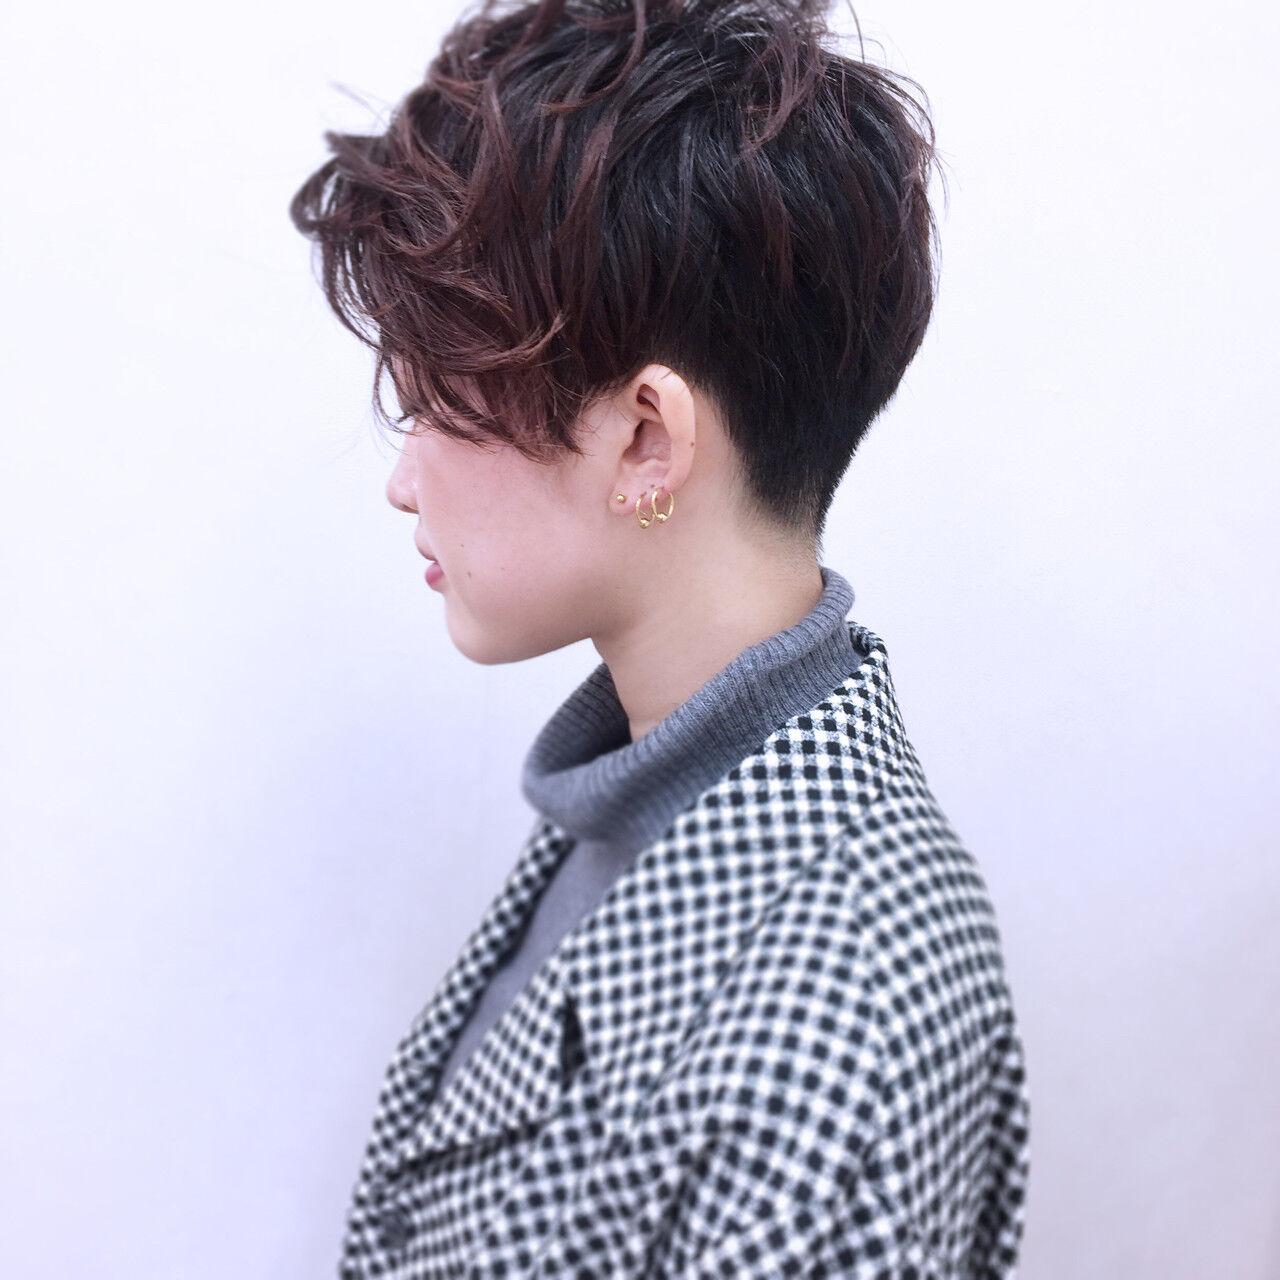 ストリート 大人女子 暗髪 ウェットヘアヘアスタイルや髪型の写真・画像